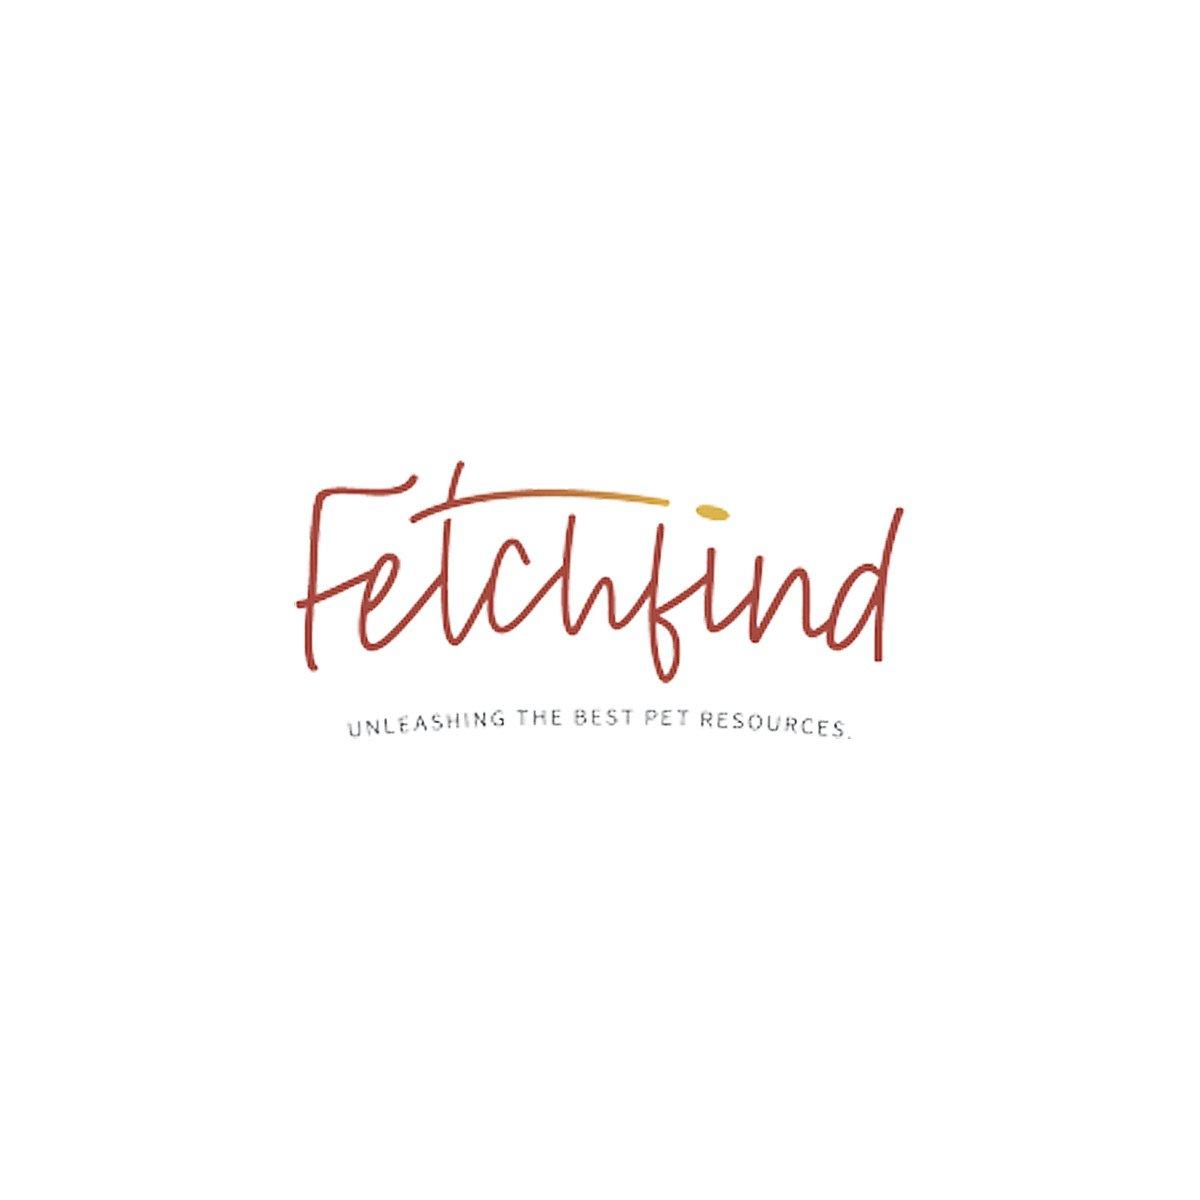 FetchFind